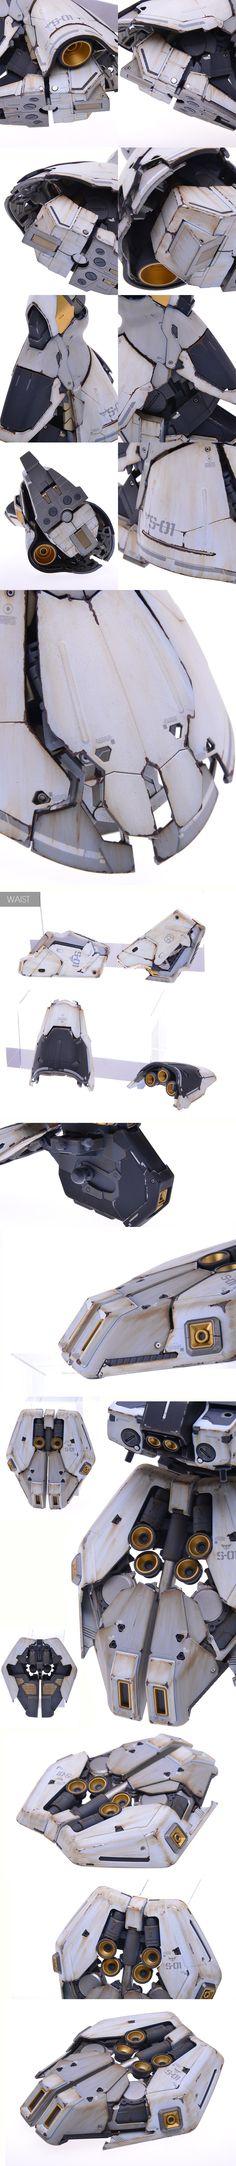 MG SAZABI サザビー Ver.MK39 塗装済み完成品 - ヤフオク!